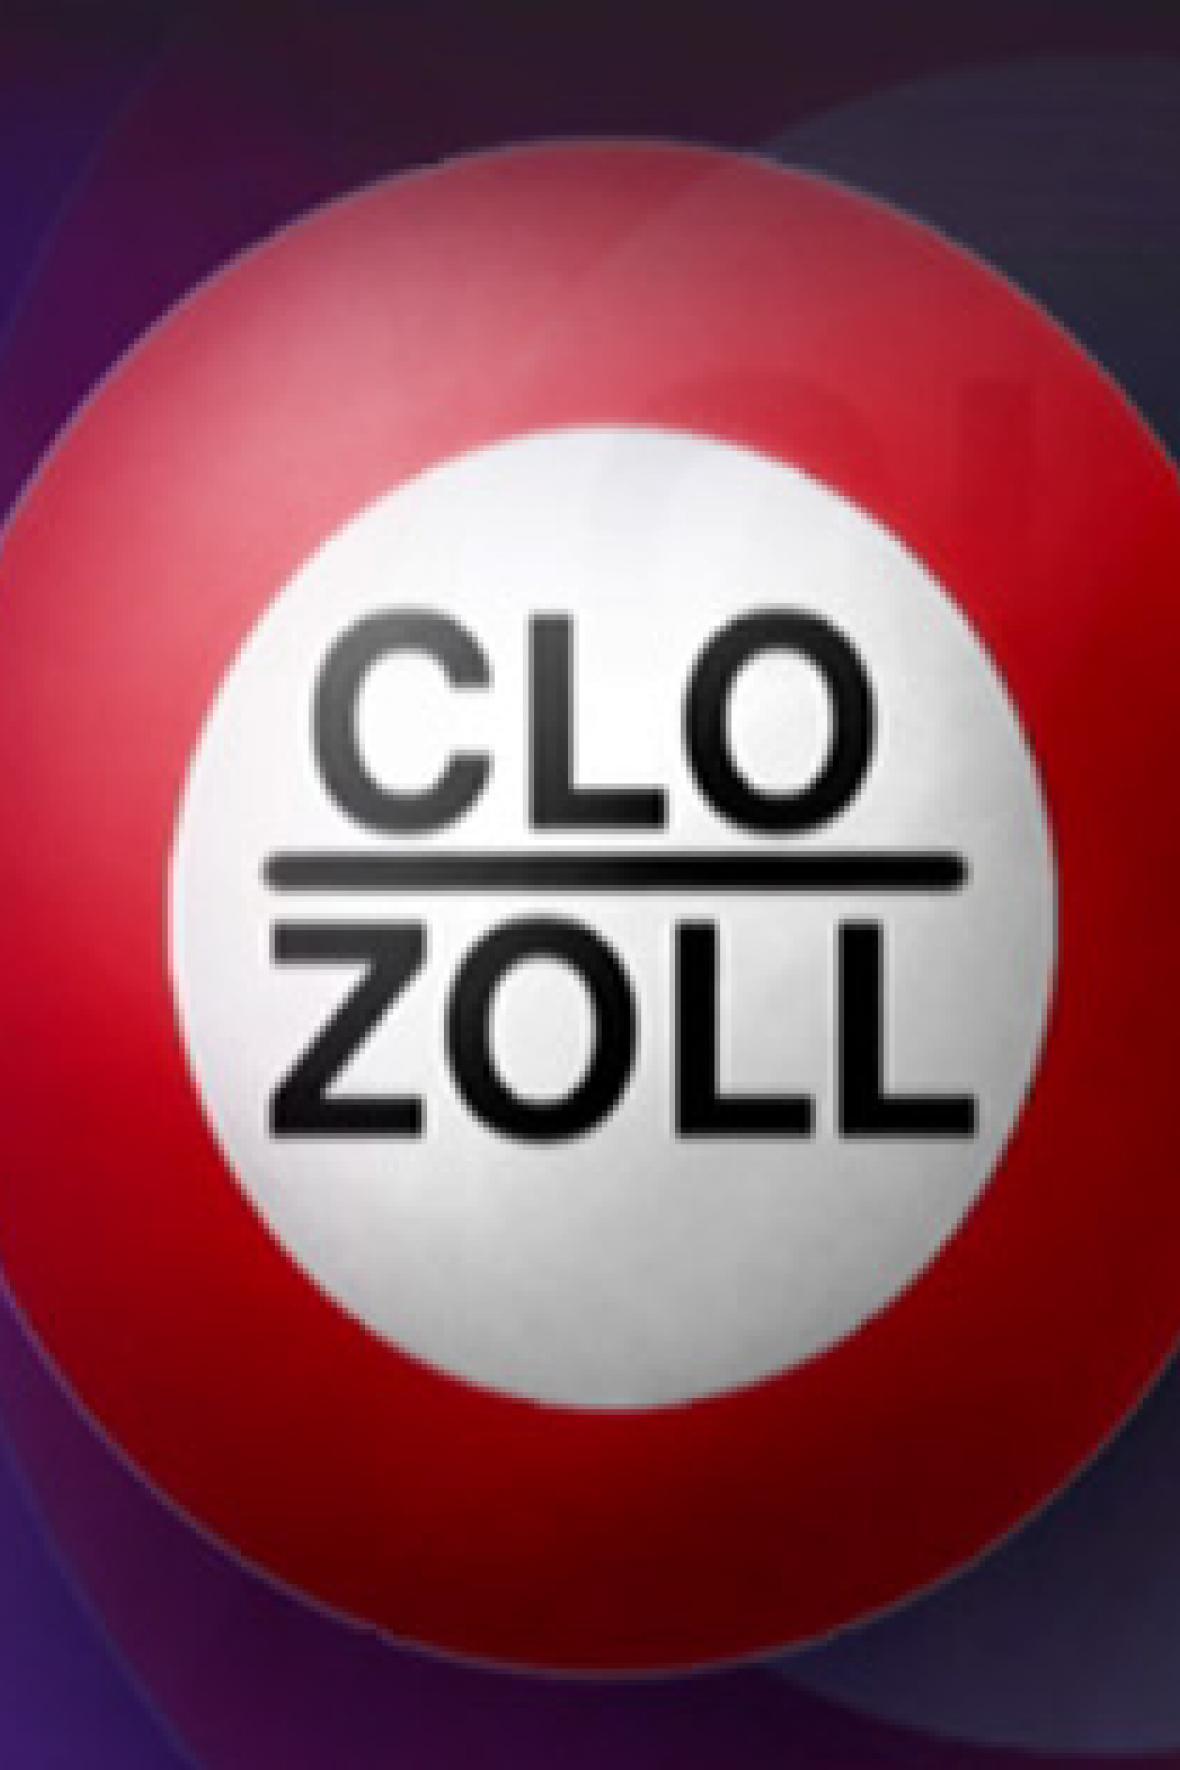 Clo - hranice